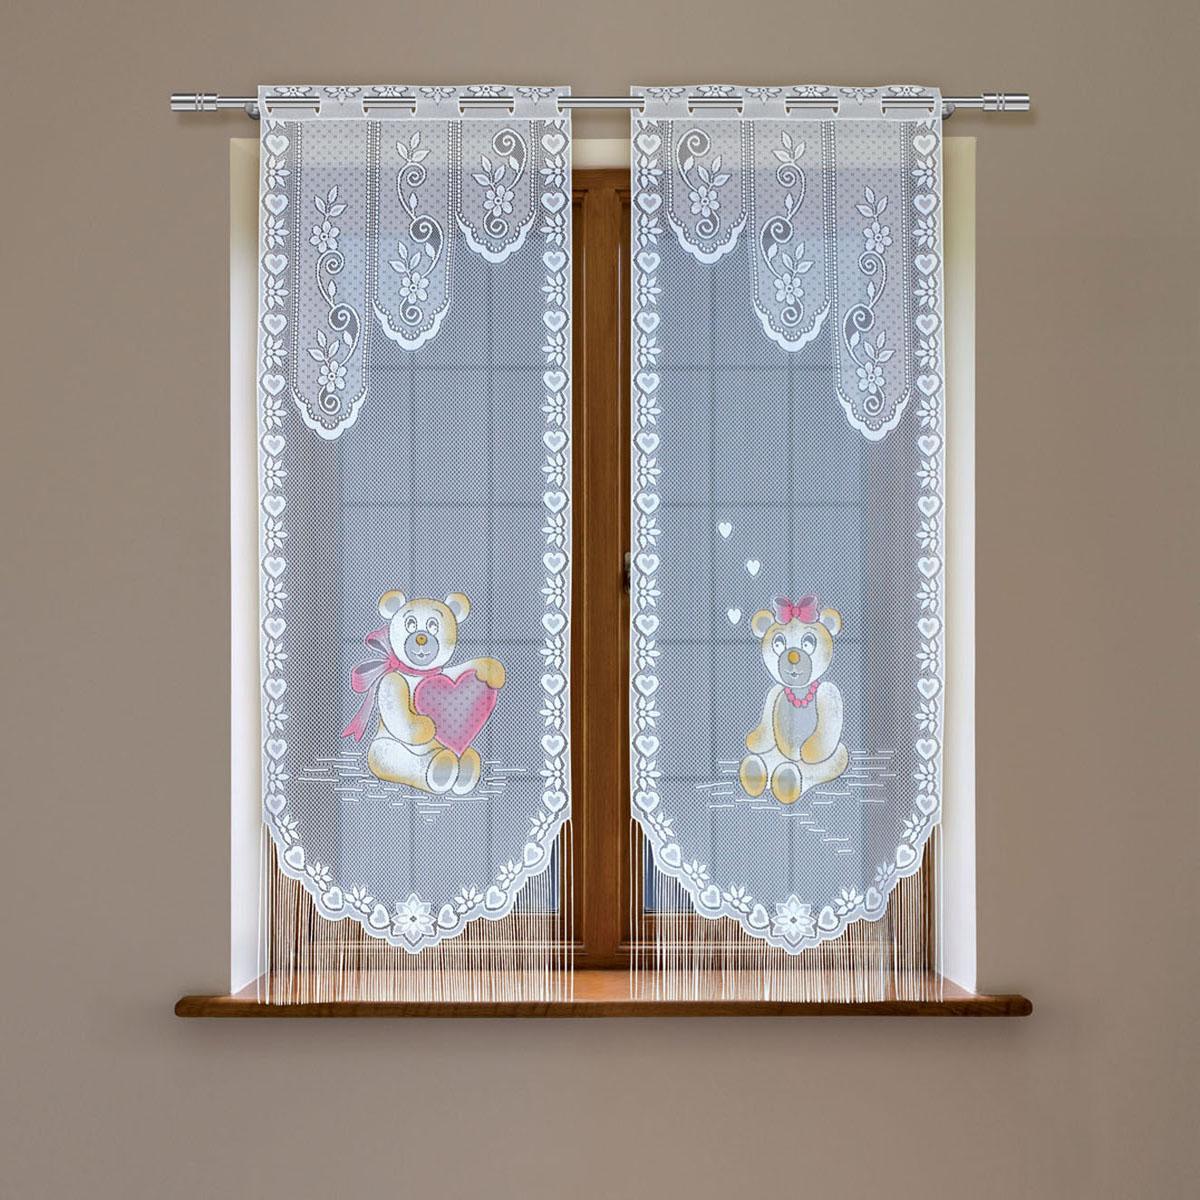 Гардина Haft, цвет: белый, высота 120 см. 8148D/60213970/160Гардина имеет в верхней части полотна прорези, через которые гардина-витраж вывешивается на карниз или можно крепить на зажим для штор,котрый в комплект не входит.Комплект состоит из двух полотен (выс.120* шир.60) Размеры: (высота 120* ширина 60)*2